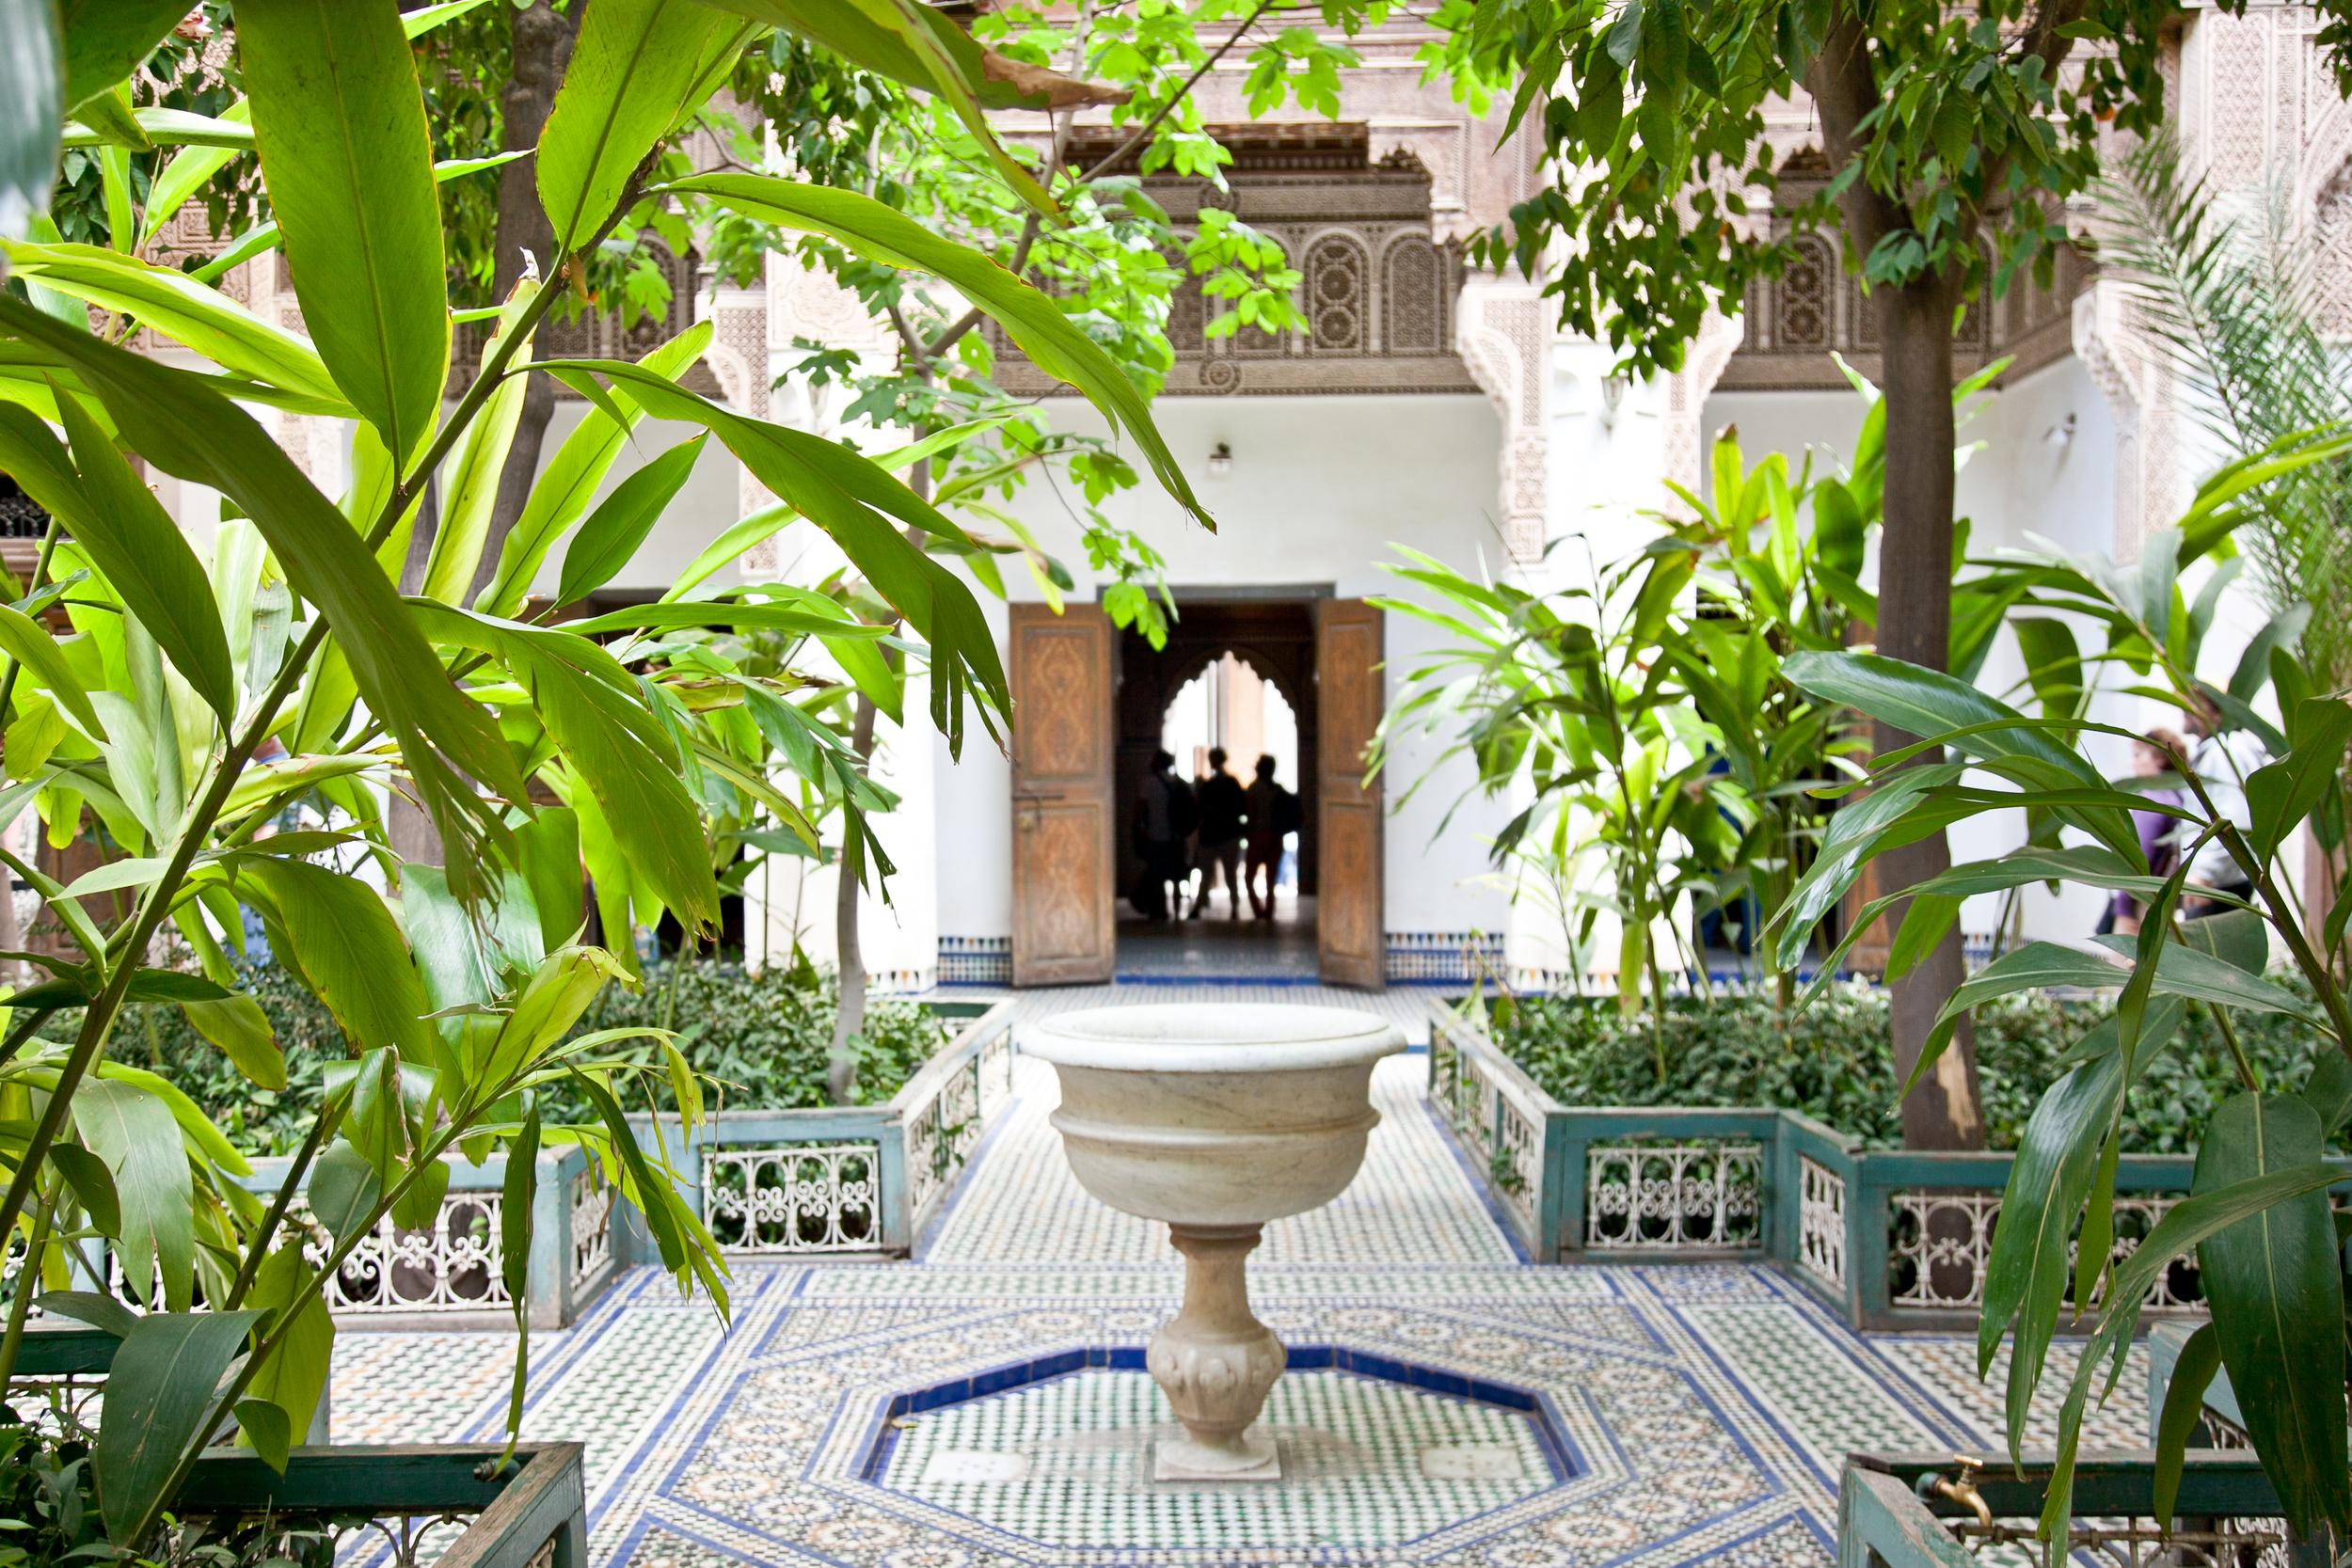 trisa-taro-marrakech-morocco-IMG_3206.jpg